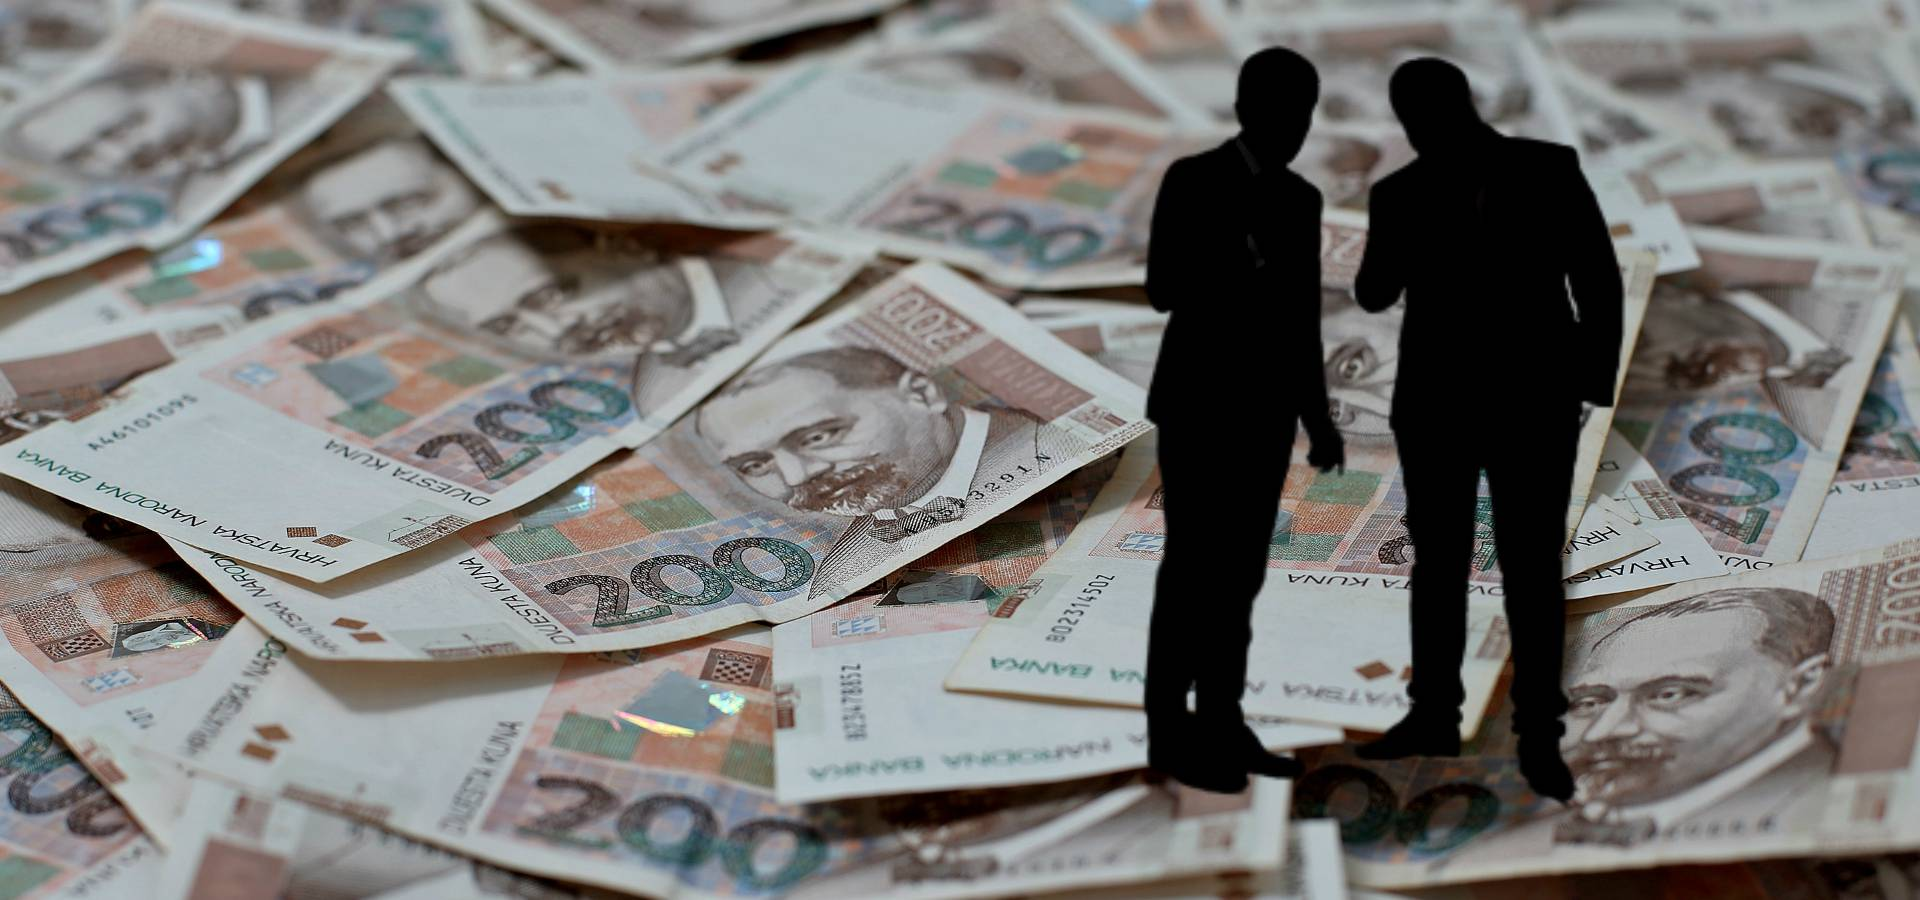 Stručnjaci zgroženi: Tvrtke za 10 kn natukle milijune dugova